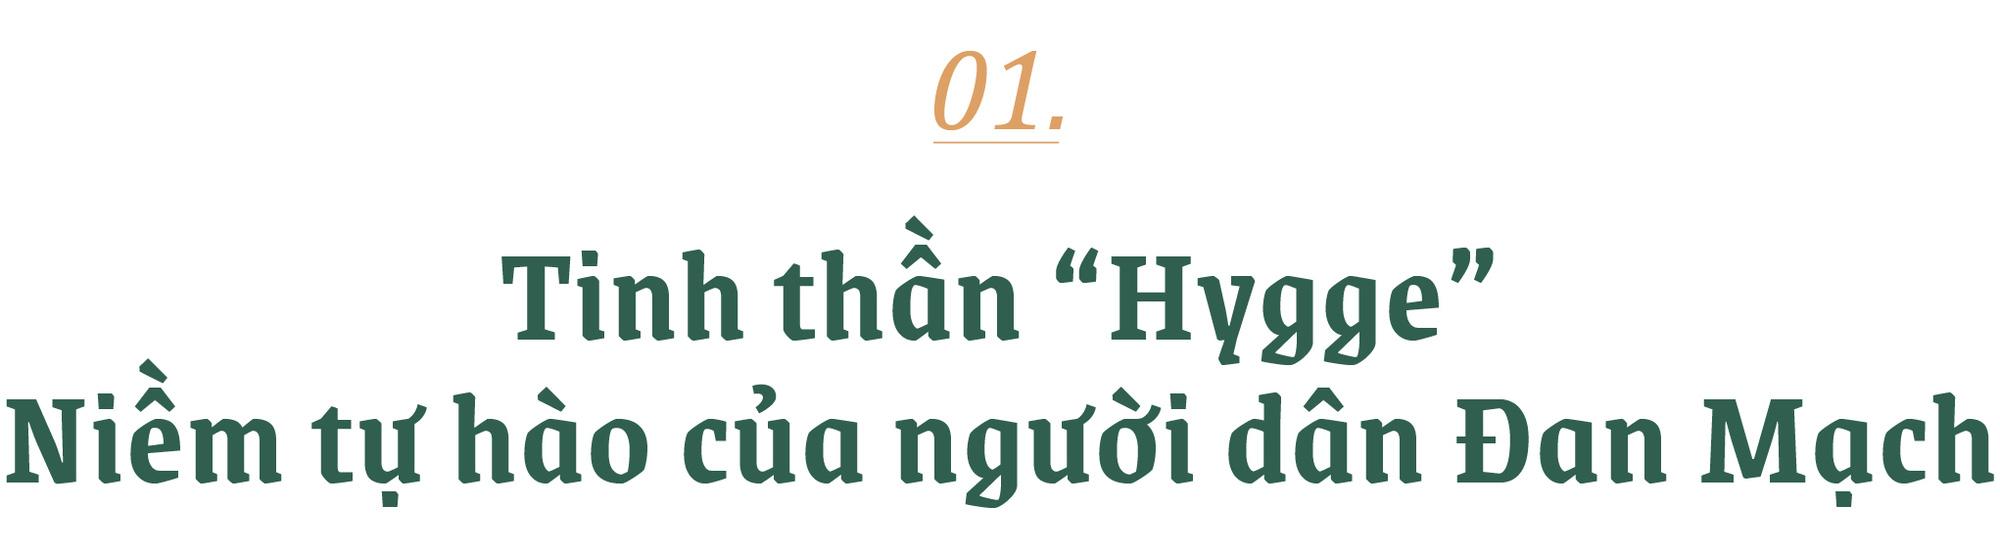 """Định nghĩa """"hạnh phúc"""" đến từ Đan Mạch: giản dị mà bền lâu - Ảnh 1."""